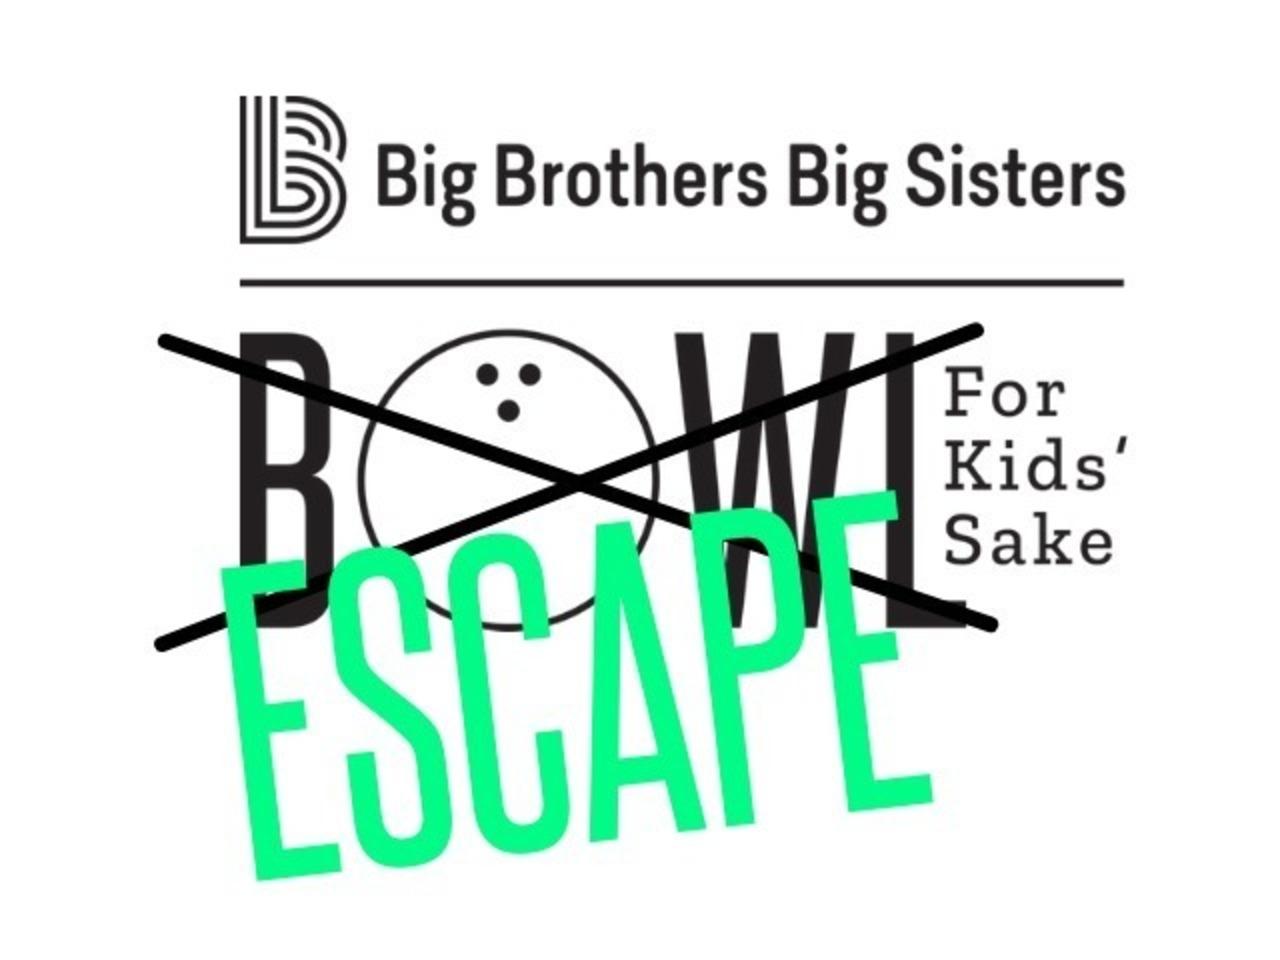 Greater Virginia Peninsula Escape (a.k.a.) for Kids' Sake 2021